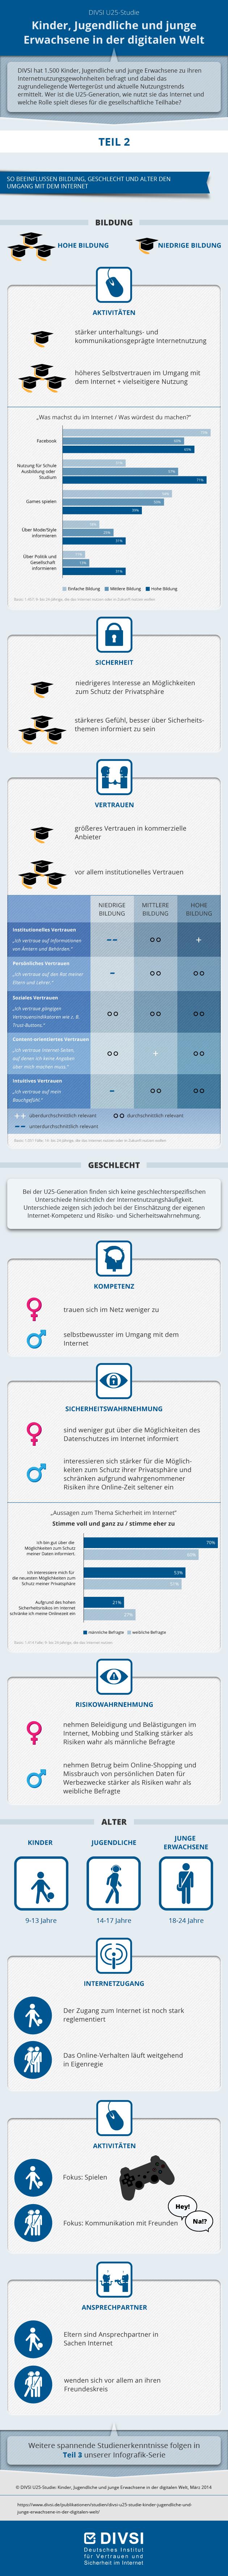 DIVSI U25-Studie: Kinder, Jugendliche und junge Erwachsene in der digitalen Welt - Einflussfaktoren Bildung, Alter und Geschlecht [Infografi...